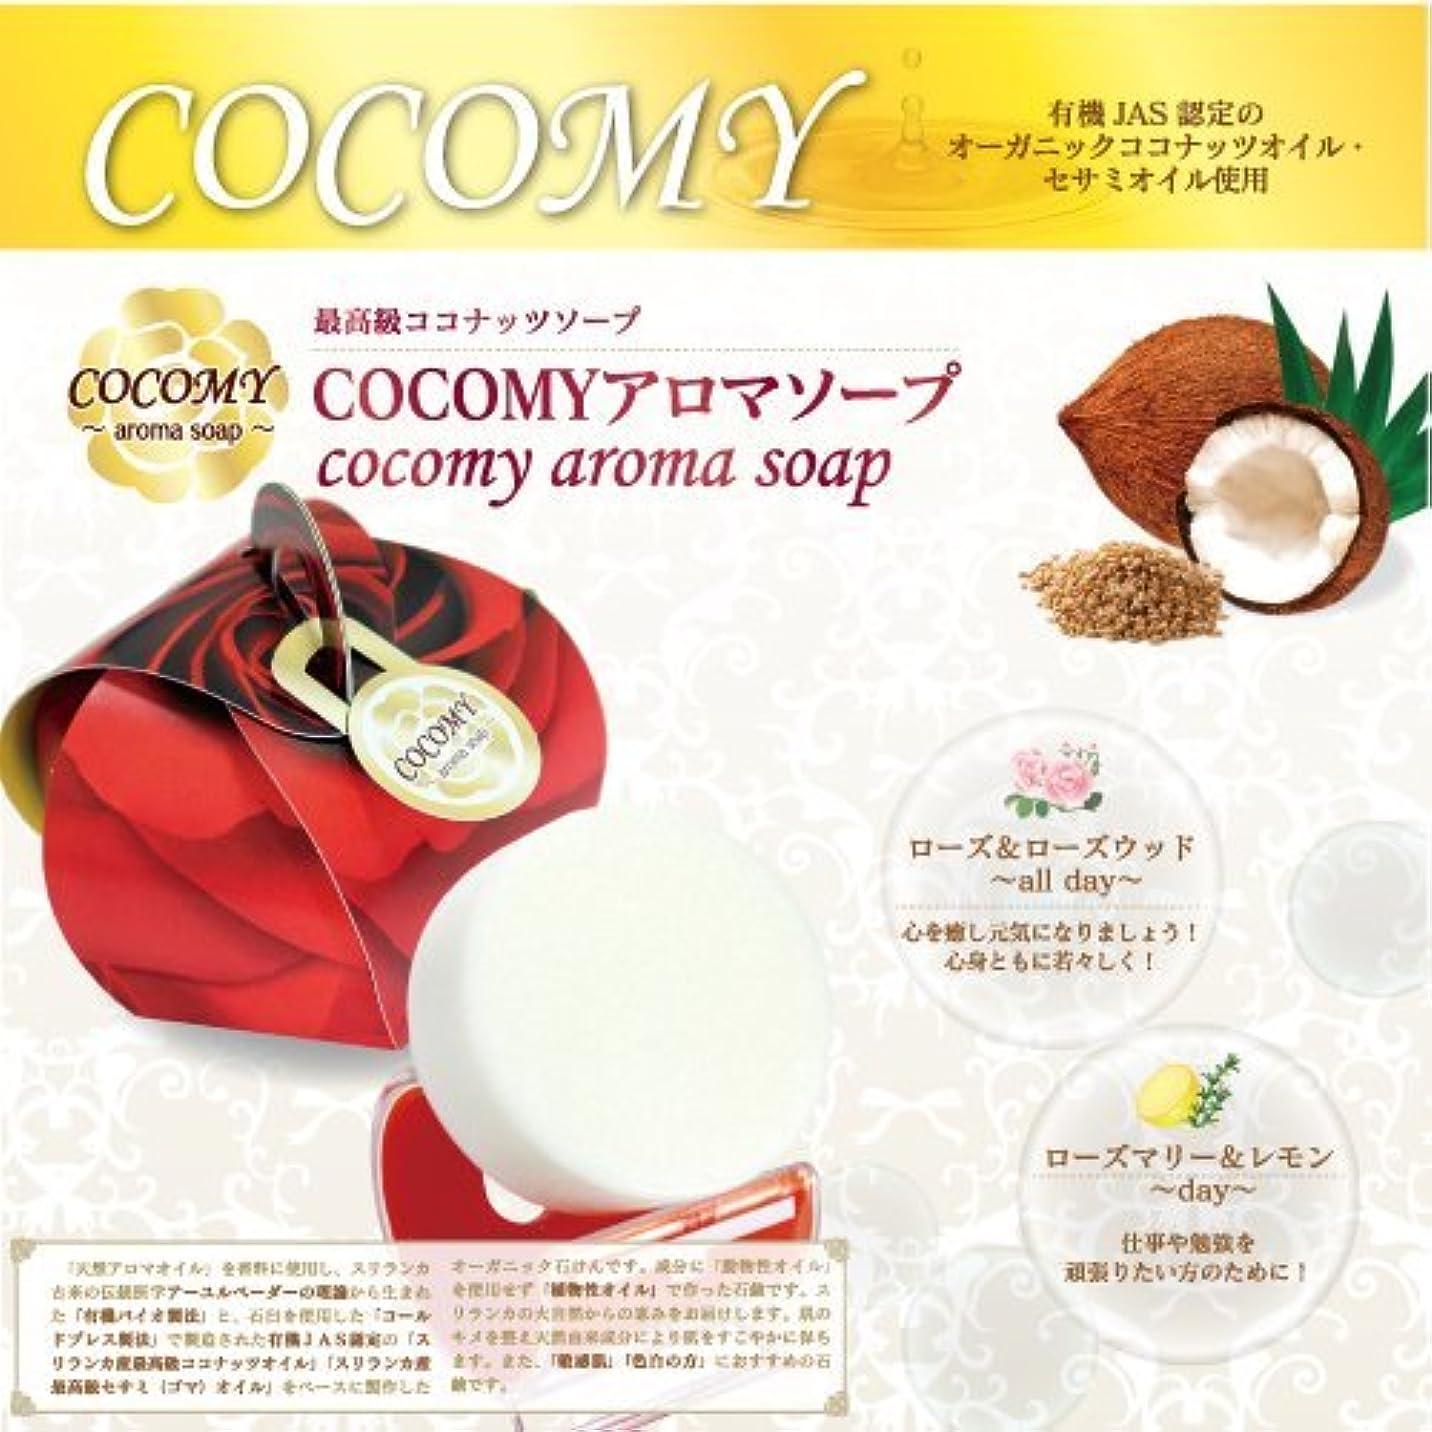 誇大妄想判定数学COCOMY aromaソープ 4個セット (ローズマリー&レモン)(ローズ&ローズウッド) 40g×各2